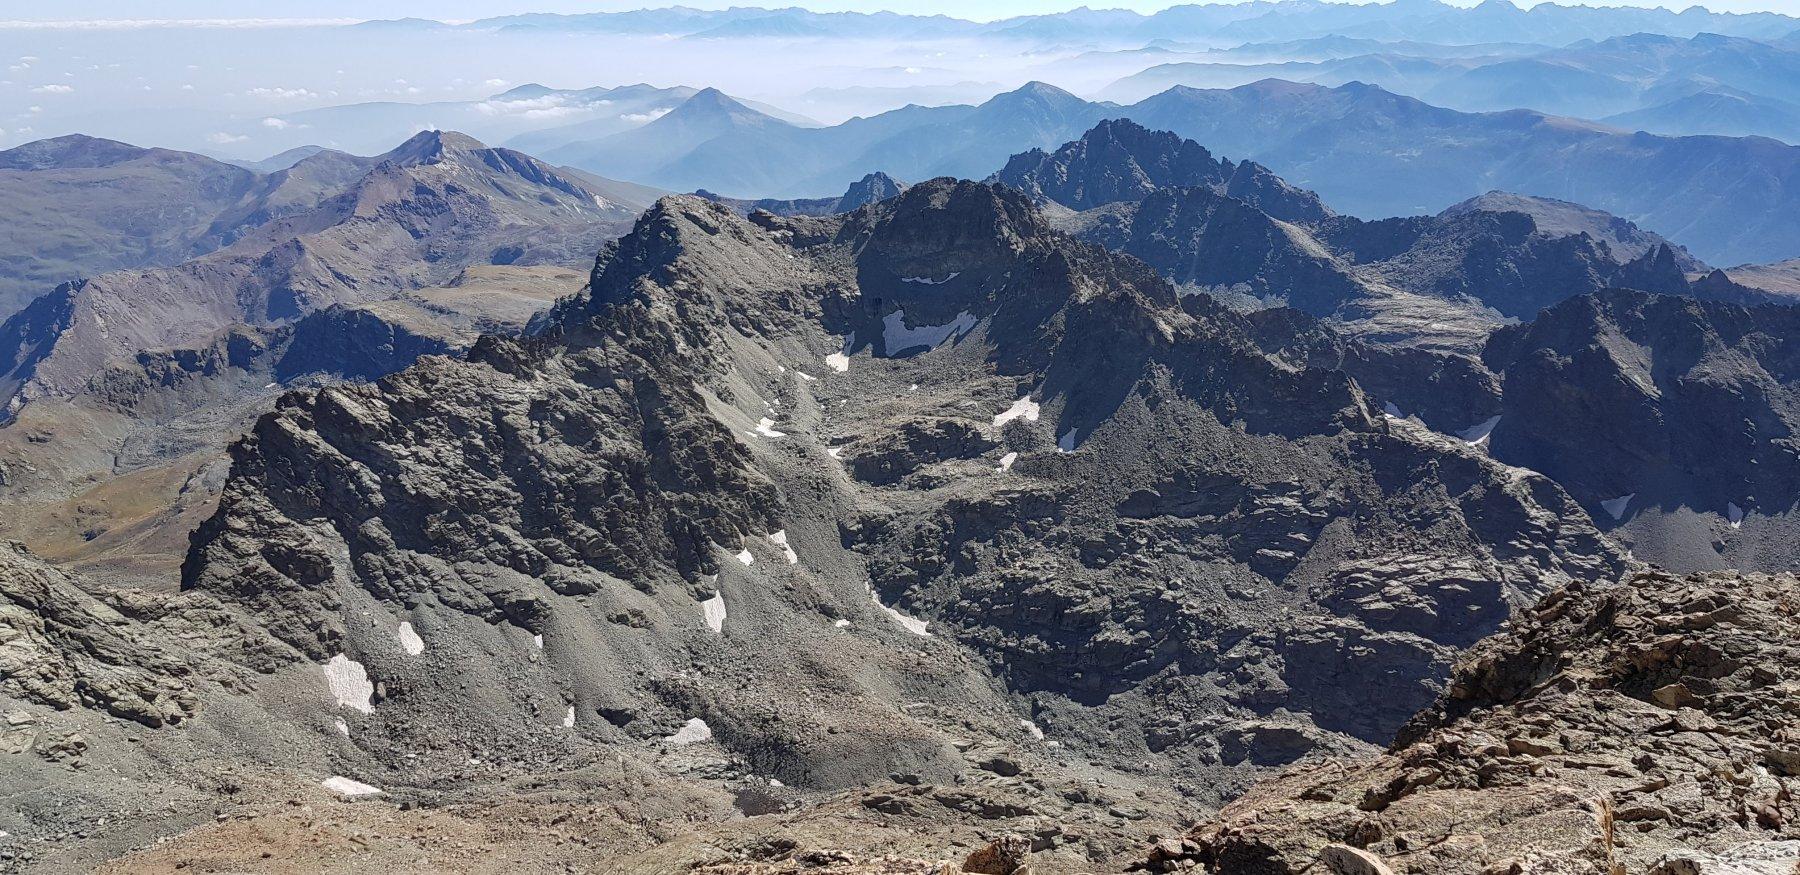 La punta Dante e Michelis viste dalla cima della Punta Fiume